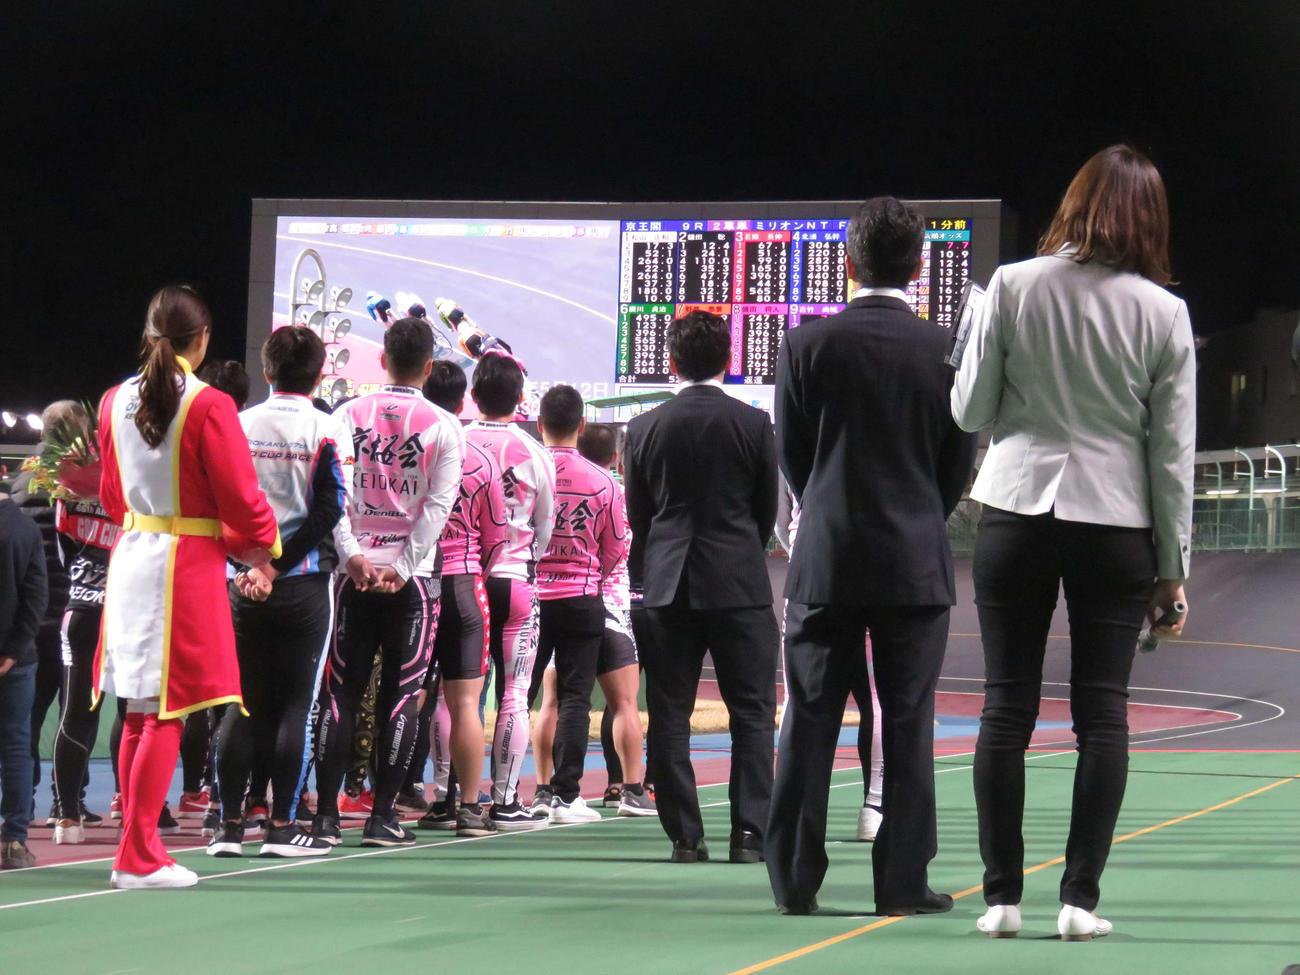 引退セレモニーで大型スクリーンに高橋大作氏(右から2人目)のレースVTRが映された